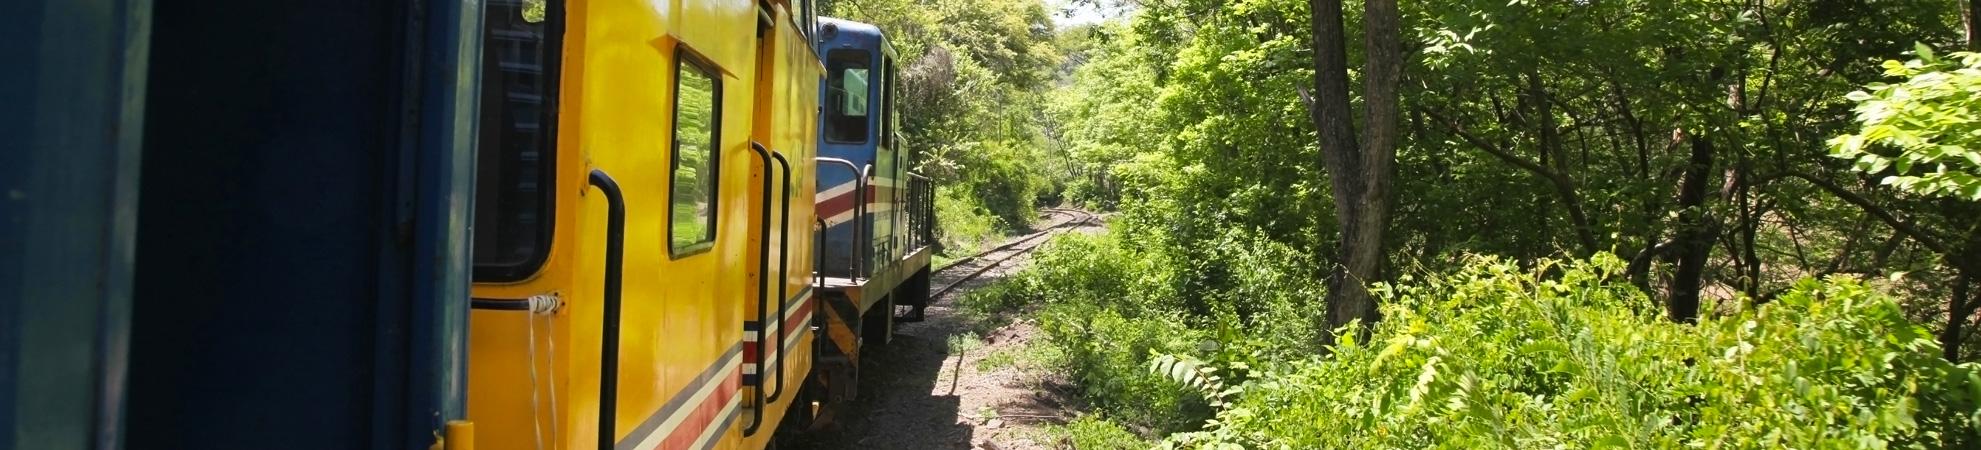 Les transports en commun au Costa Rica